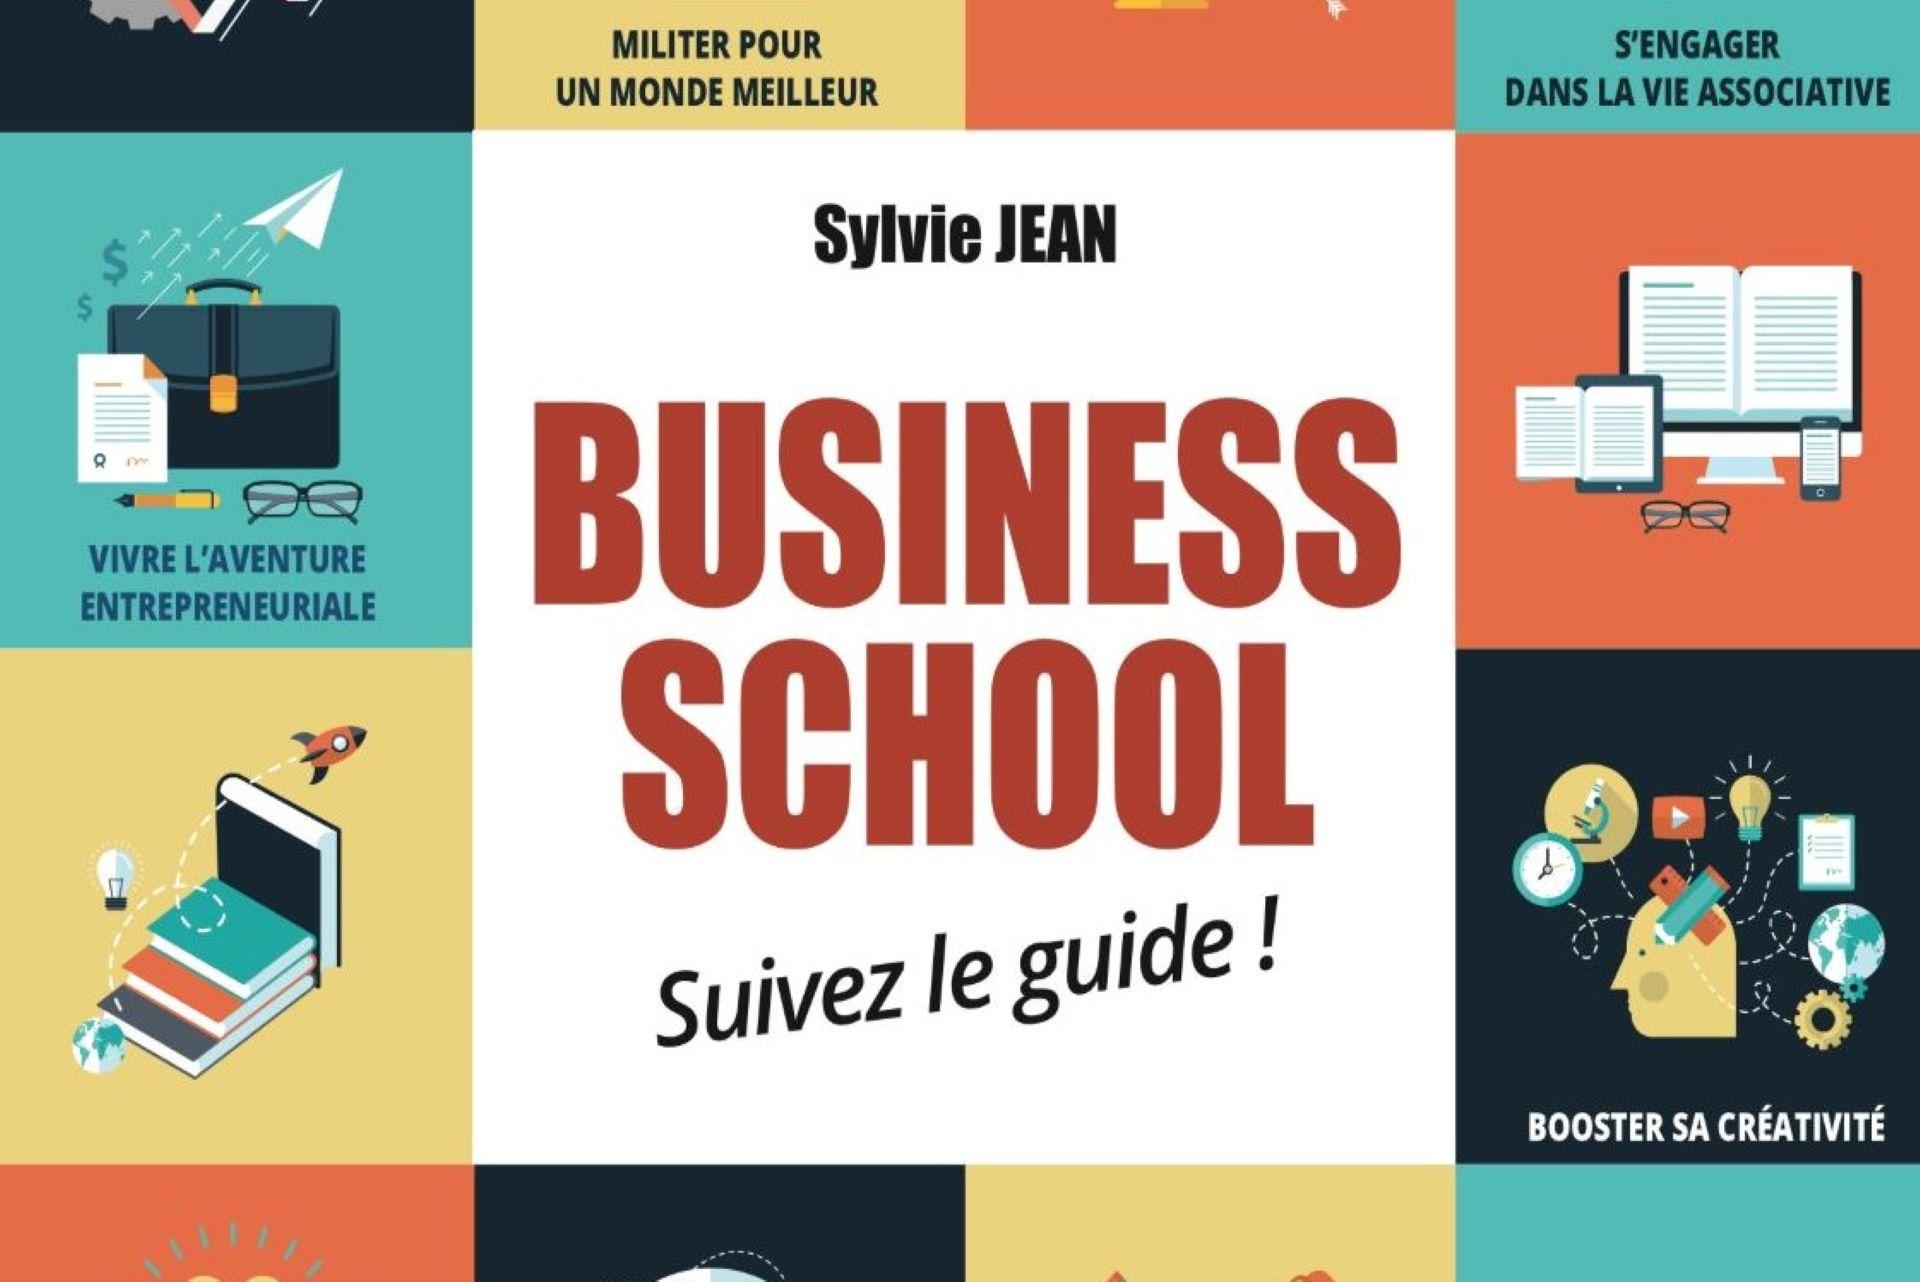 Business School : suivez le guide ! : tout savoir sur les business schools avec Sylvie Jean